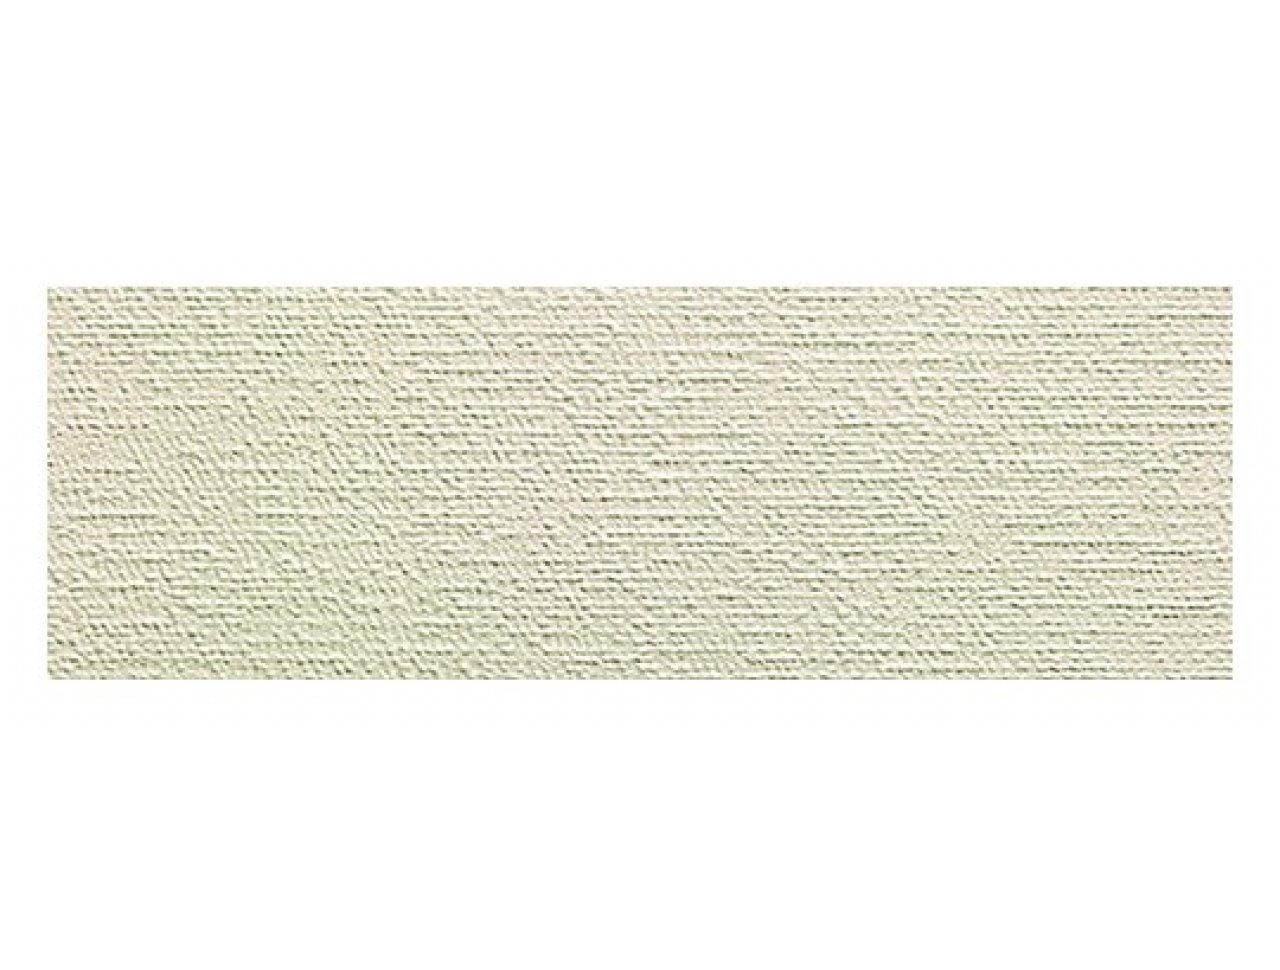 Настенная плитка FAP Color Now Dot Beige 30.5x91.5 см, Арт. fMRW